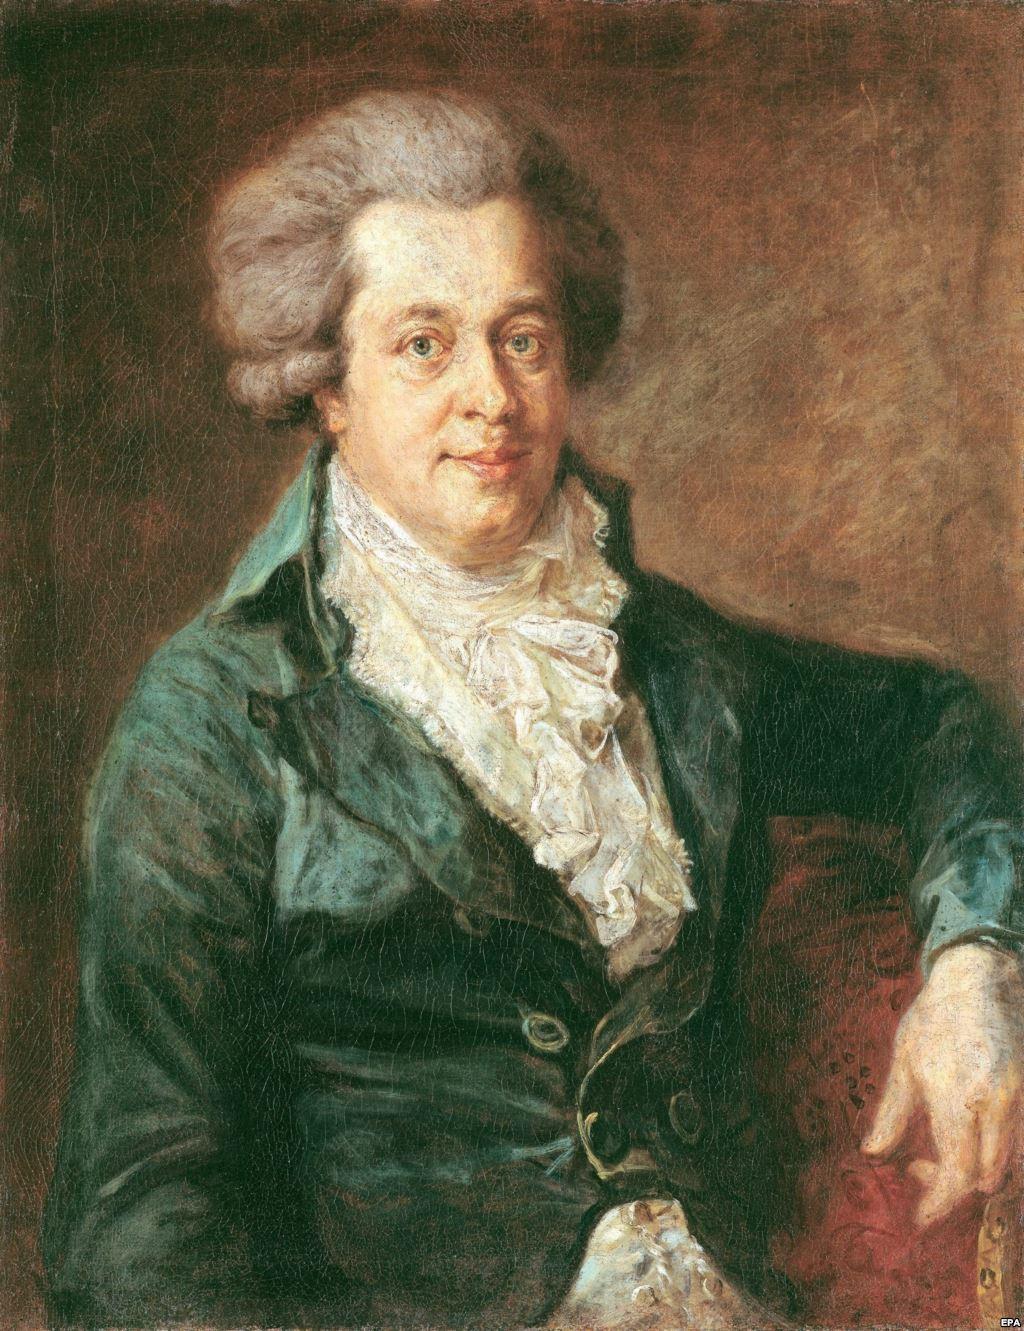 Прижизненный портрет Моцарта Вольфганга Амадея, художник Йохан Георг Эдлингер, 1790 год